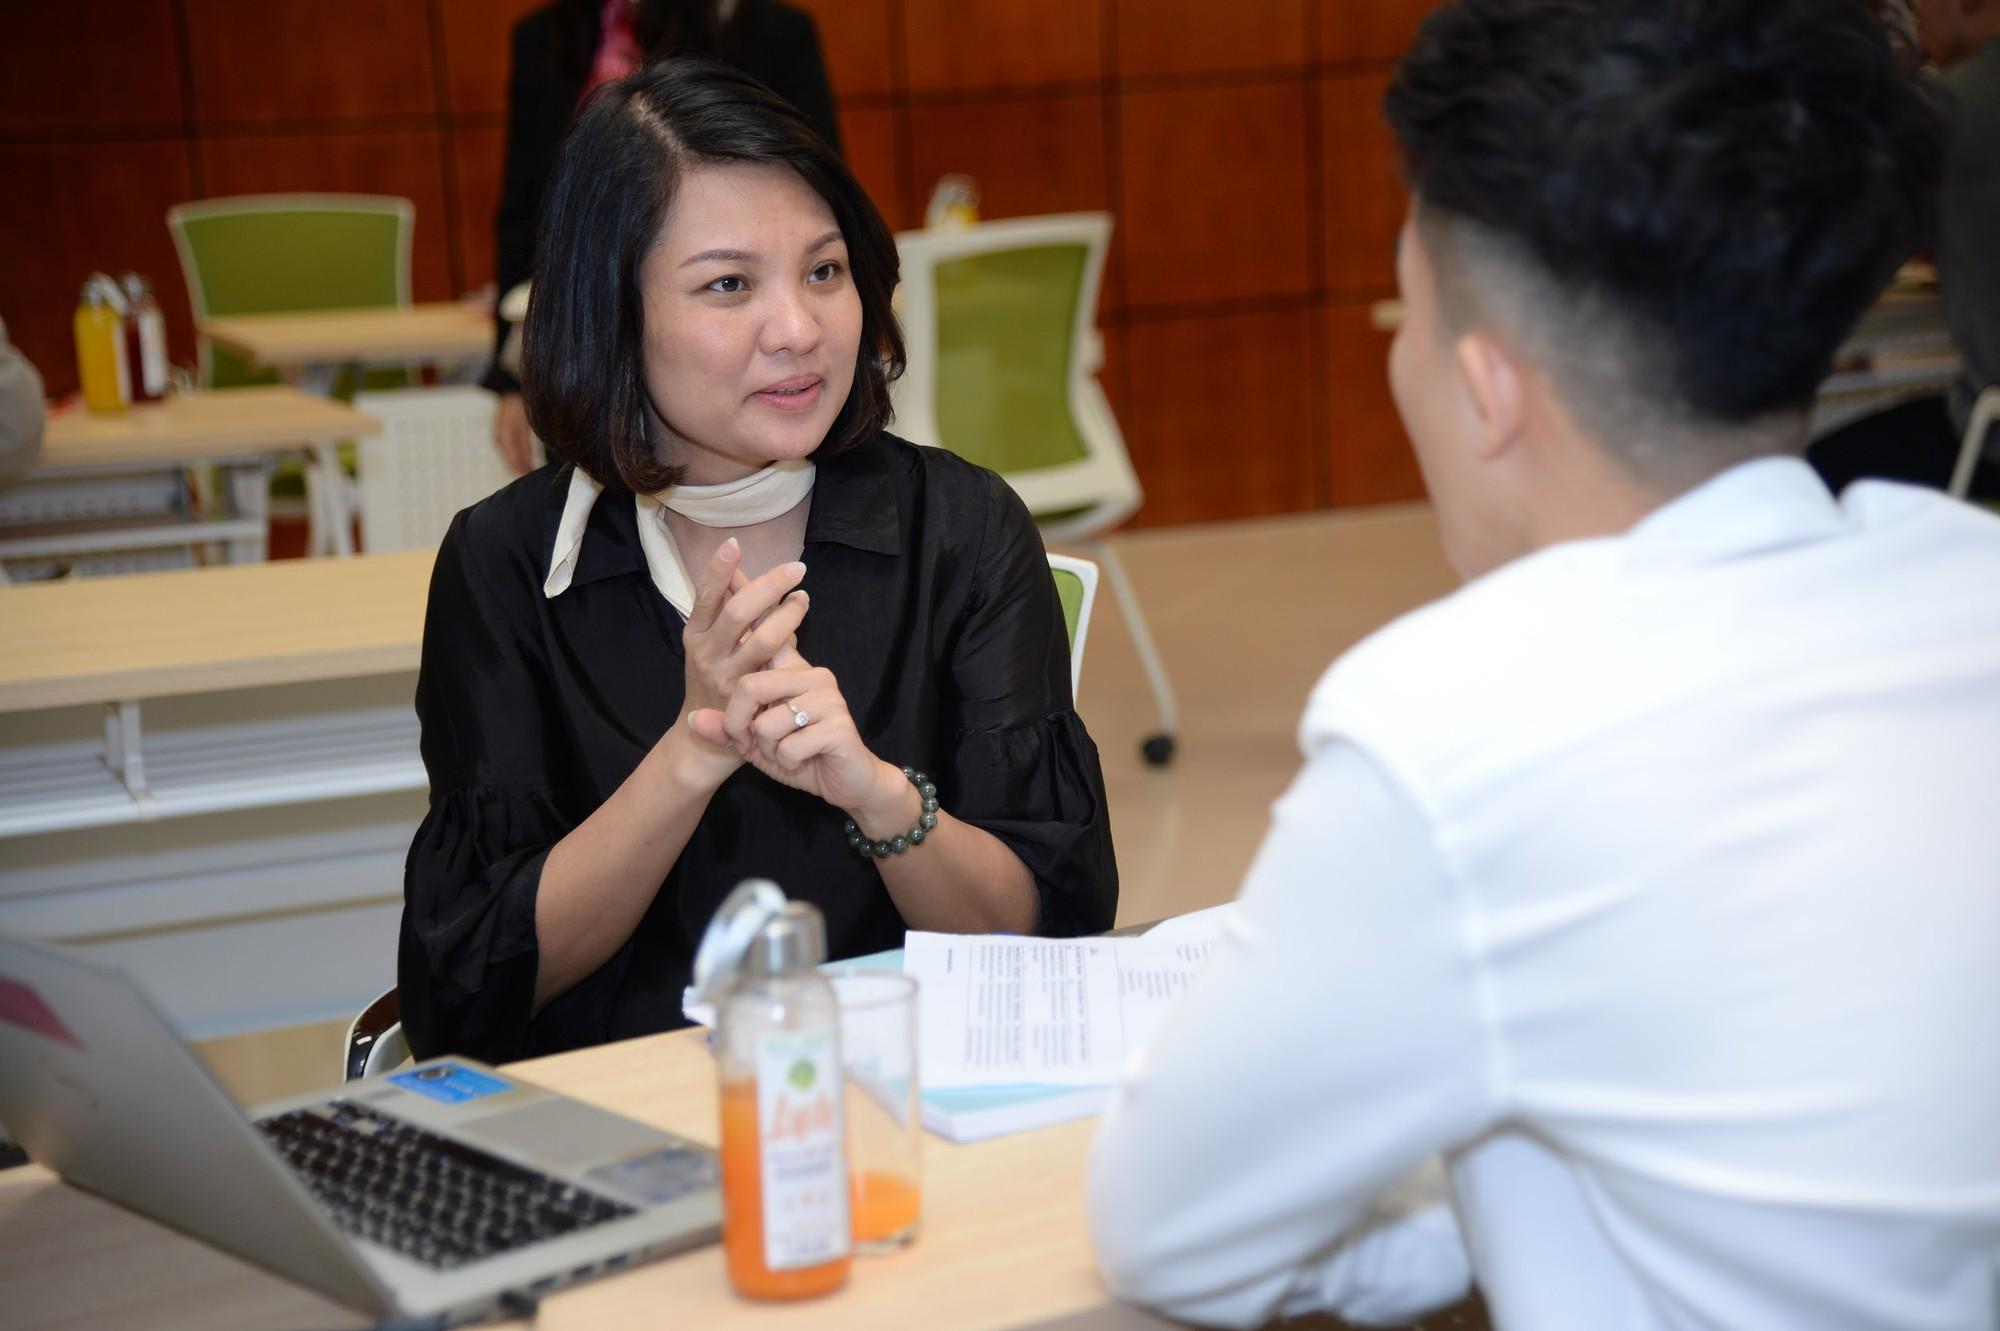 Sôi nổi ngày hội hướng nghiệp chuyên sâu 2019 cùng TOPCV - Ảnh 5.